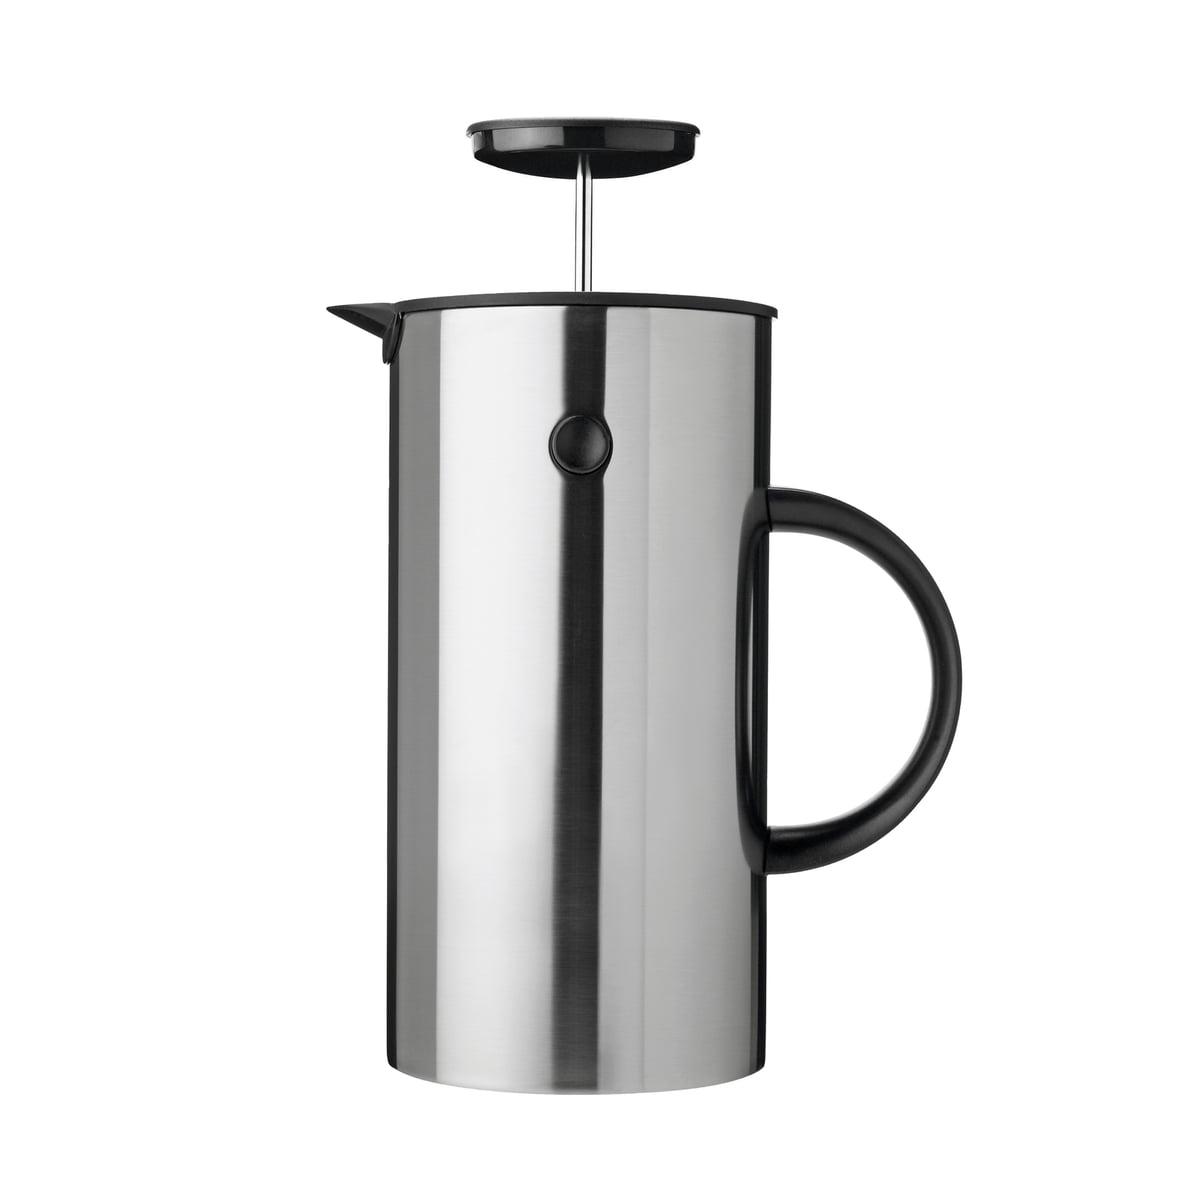 Kaffeezubereiter, 8 Tassen, Stahl